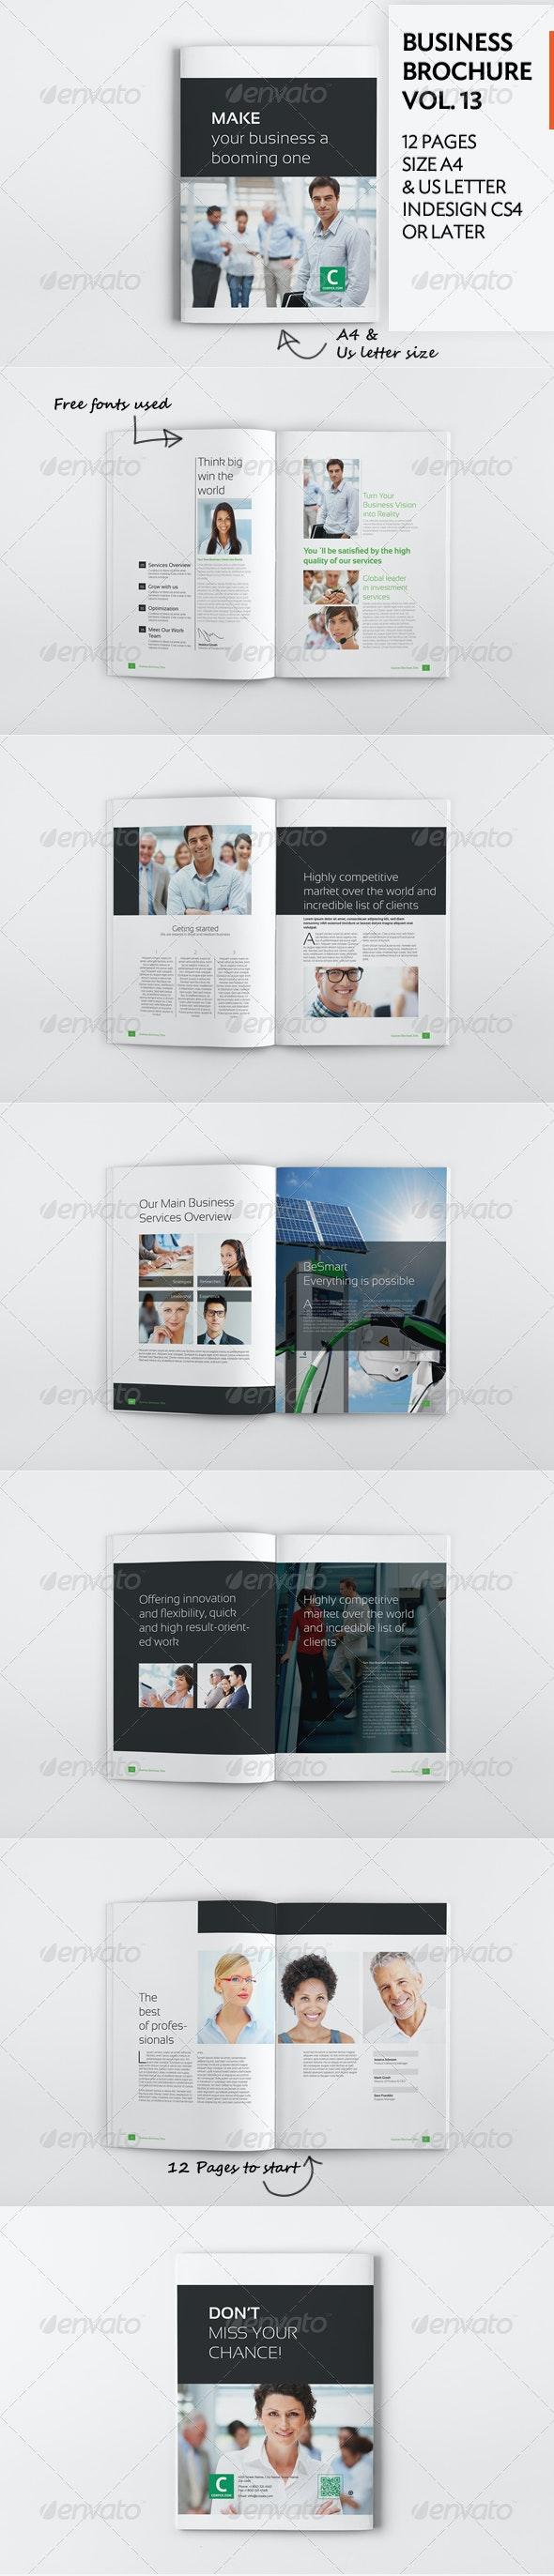 Business Brochure Vol. 13 - Corporate Brochures